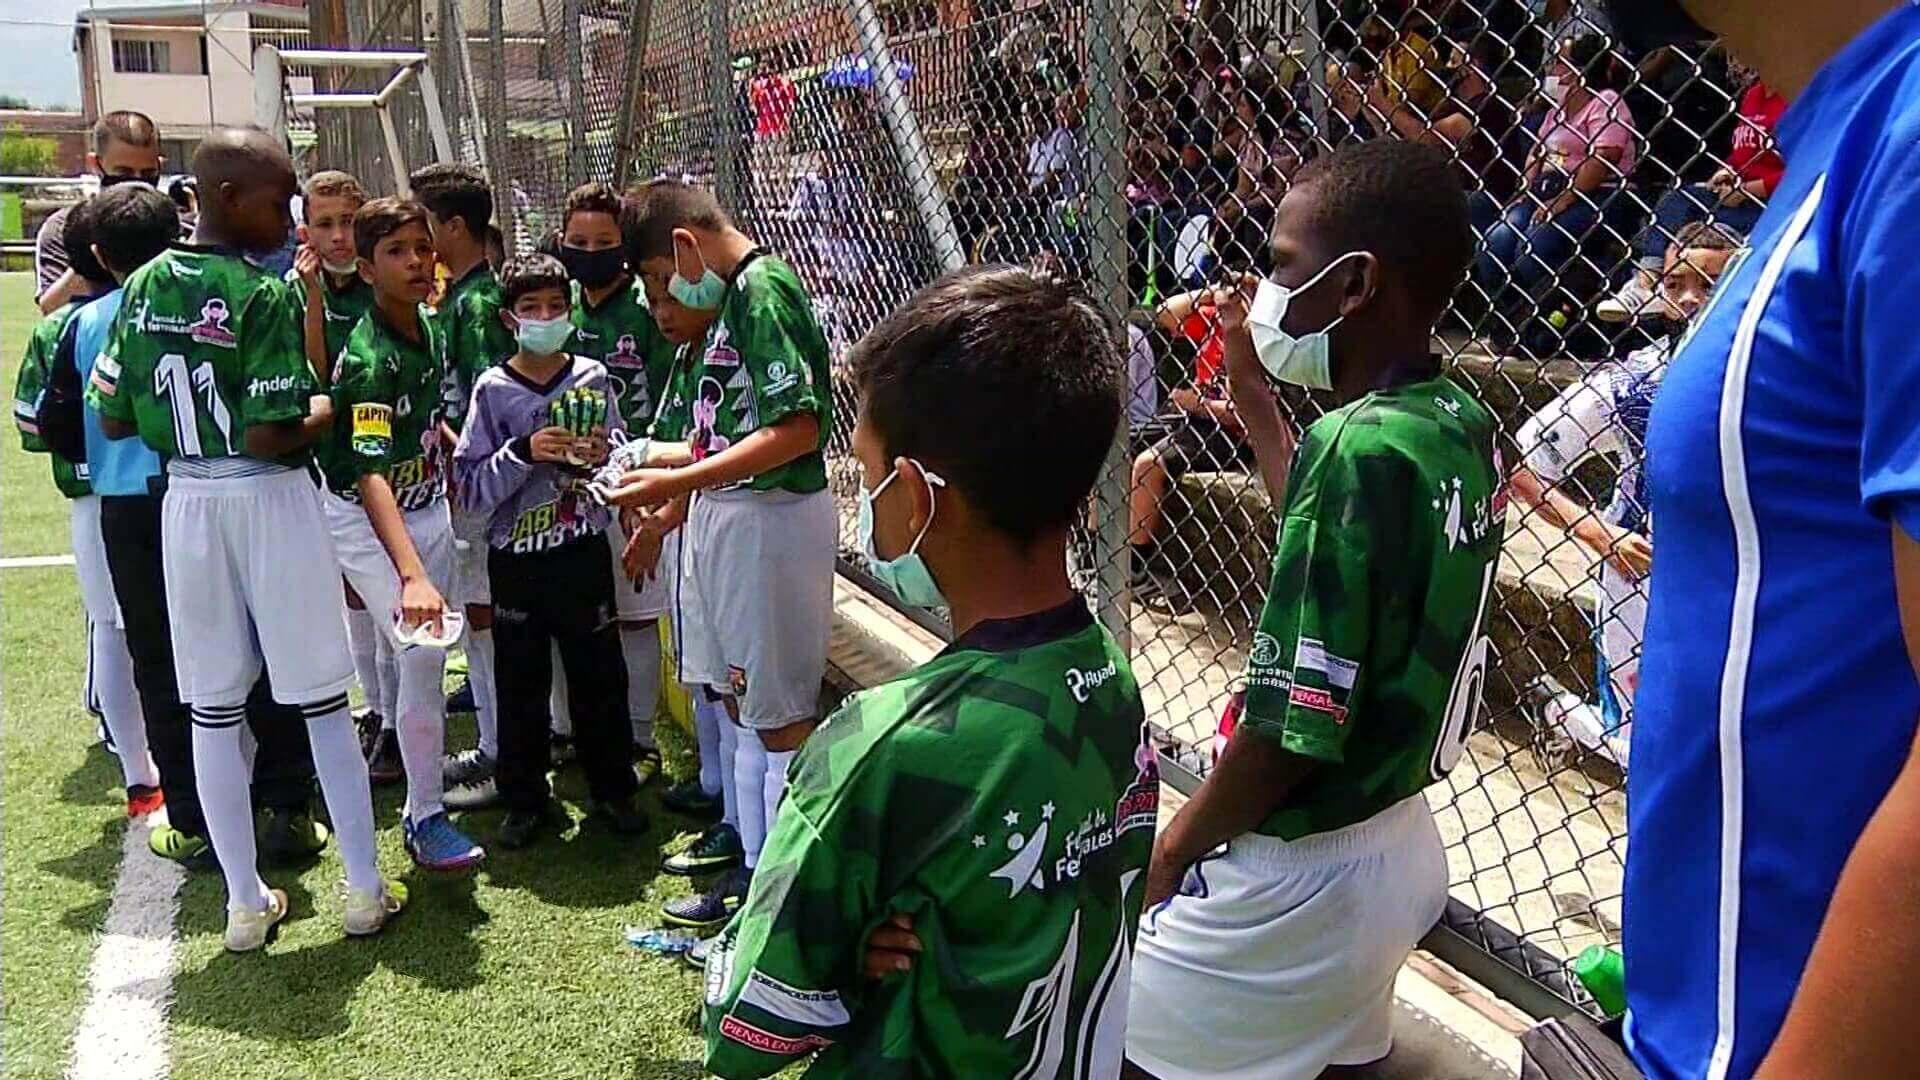 Fiesta de fútbol infantil en el barrio Tricentenario